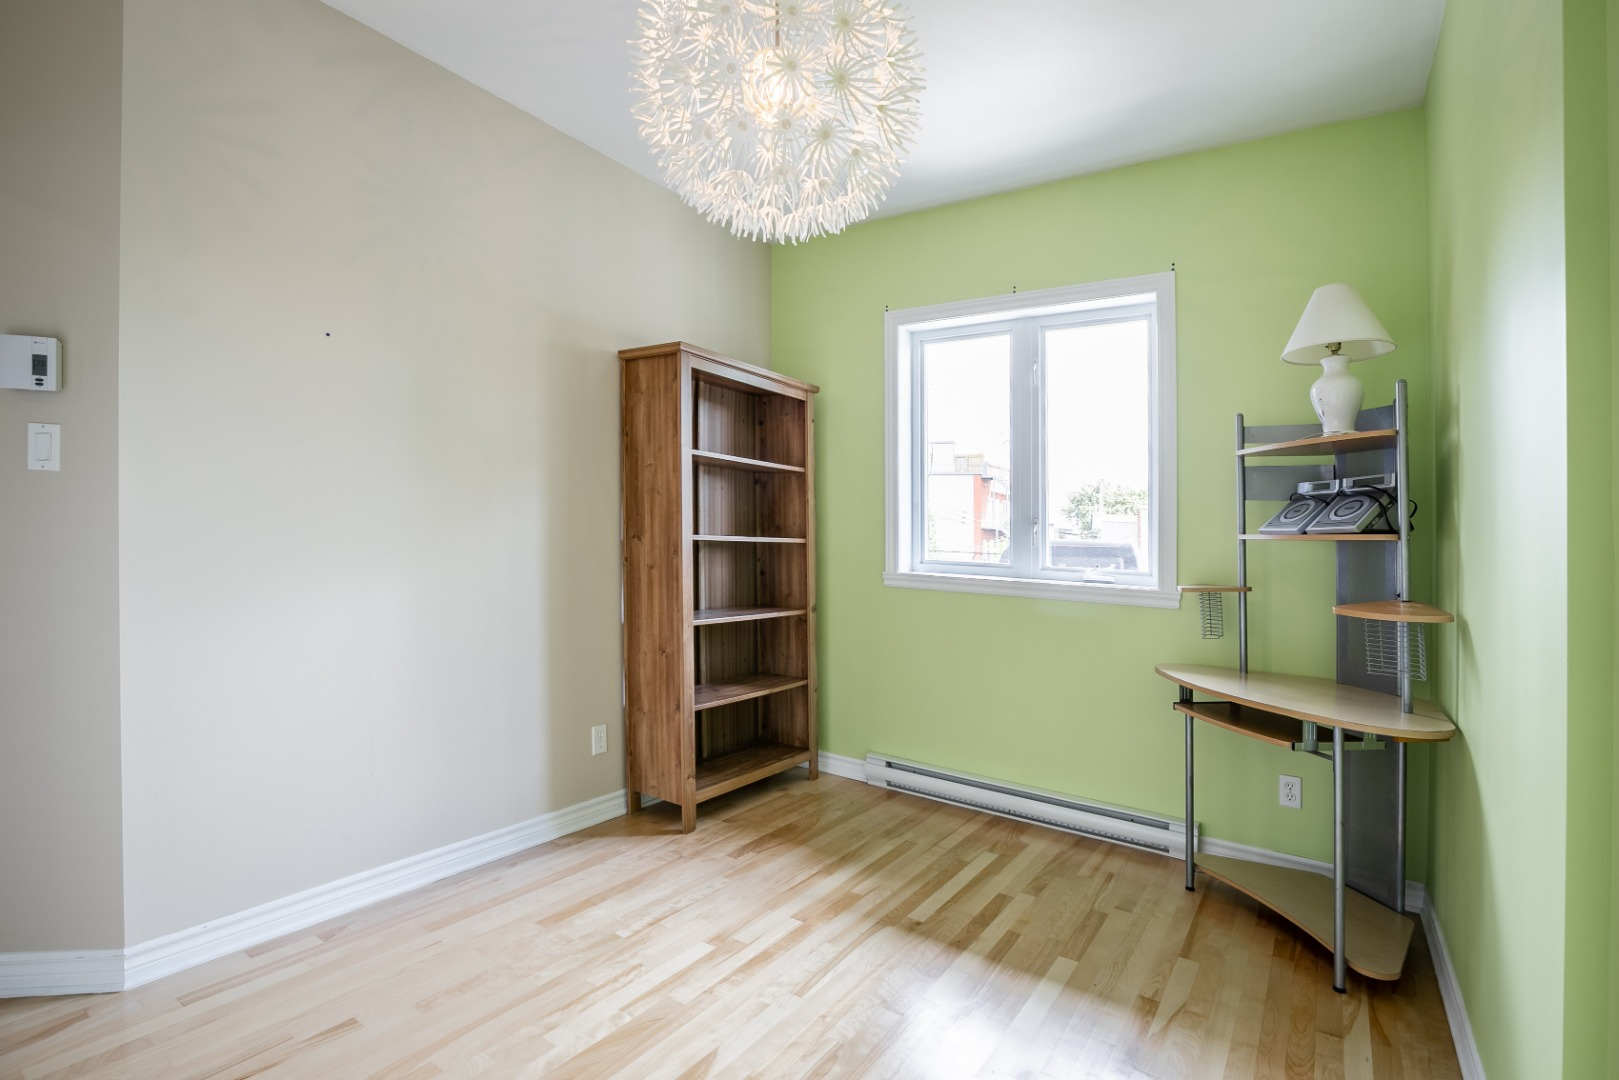 condo a vendre rosemont_montreal- 3860 rue masson_#3_AL-14.jpg